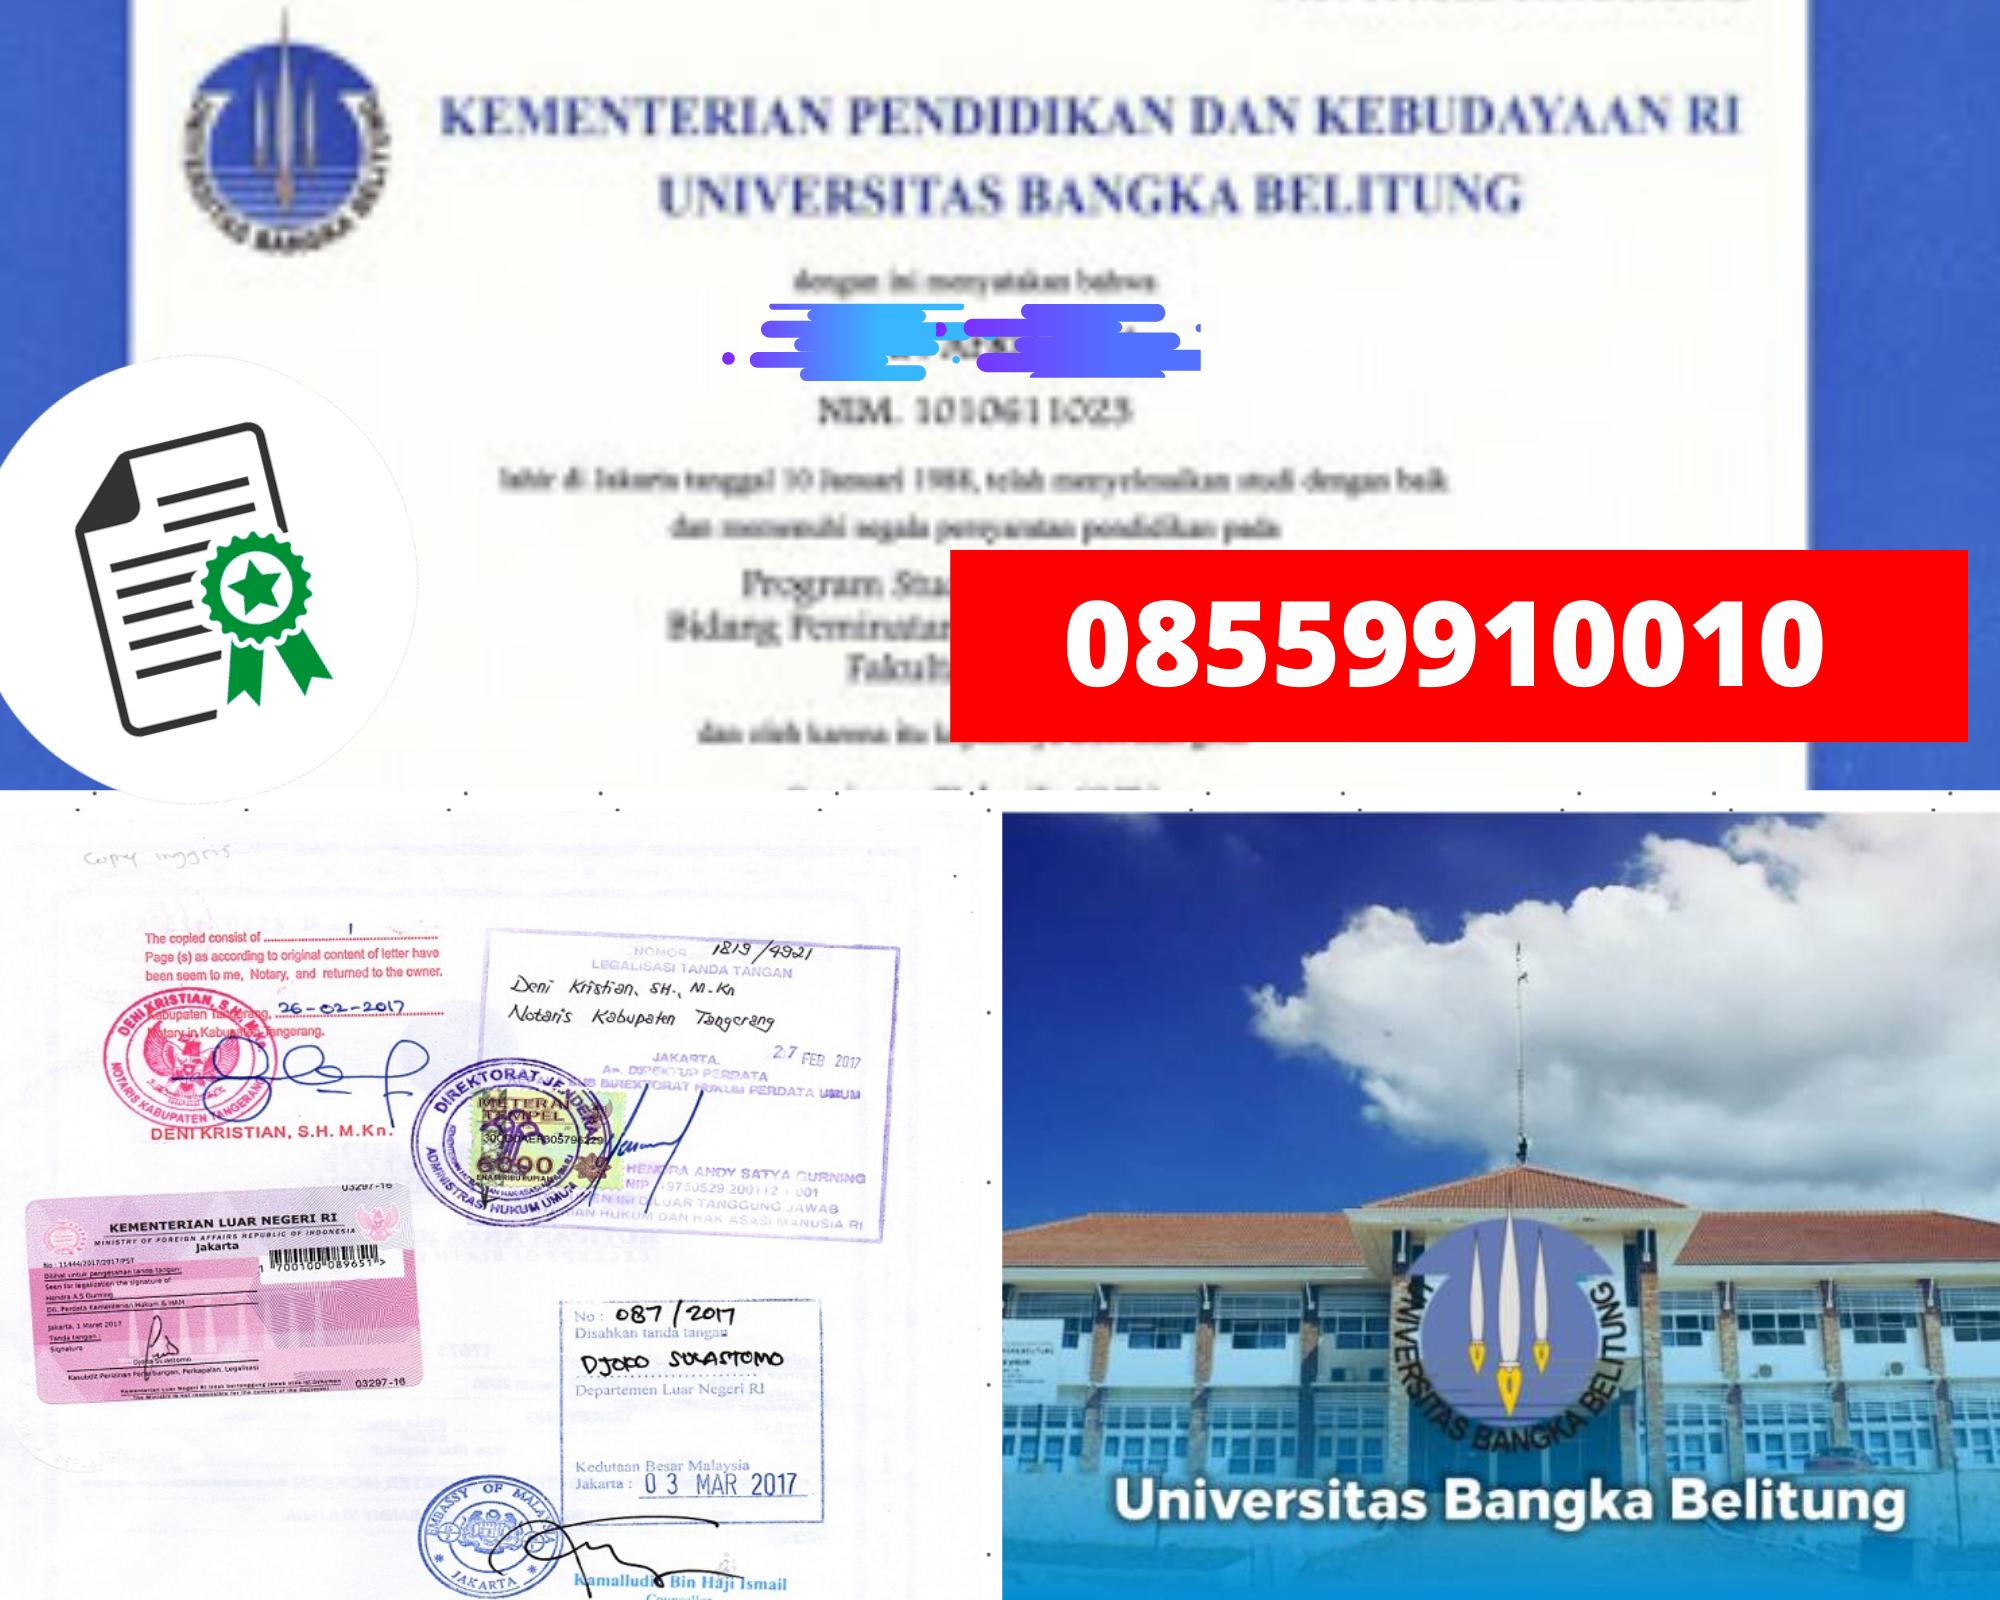 Legalisir Ijazah Universitas Bangka Belitung Di Kemenristek Dikti || 08559910010